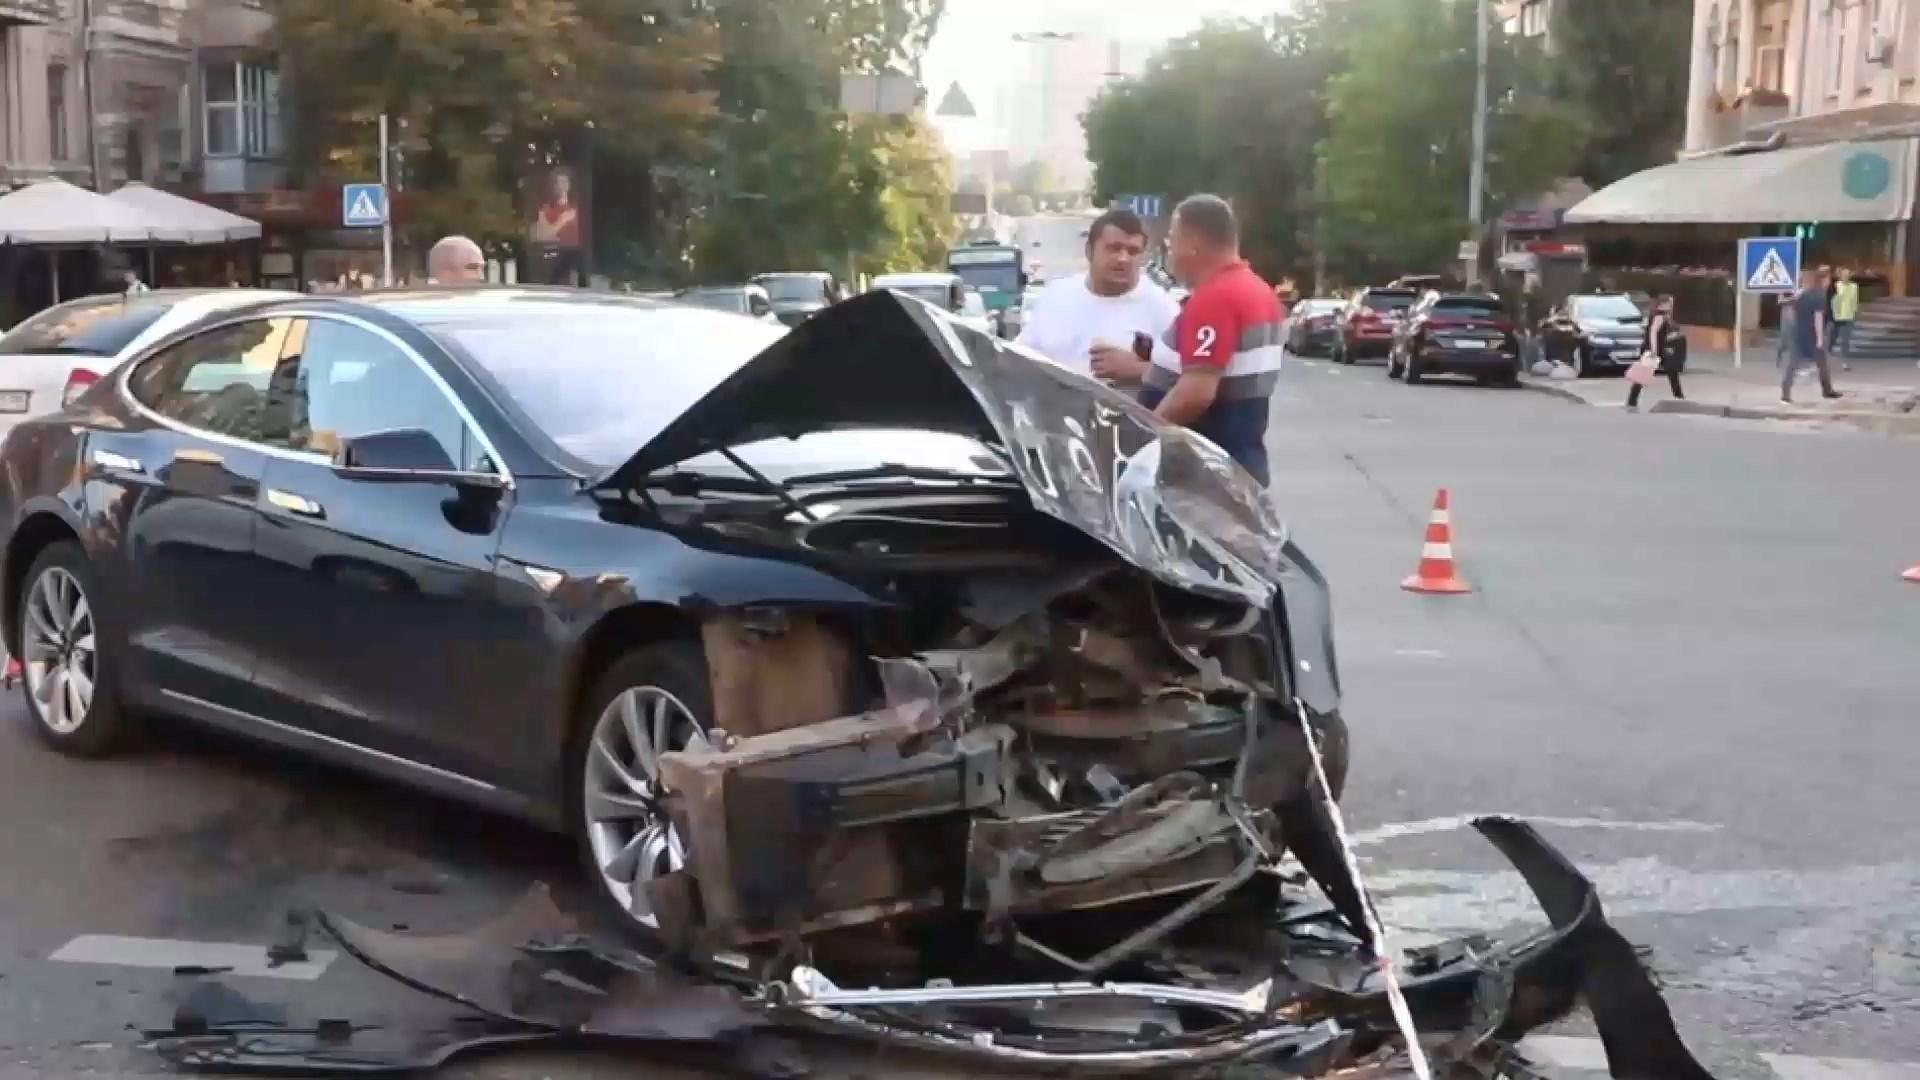 Скандальная авария в центре Киева: как виновные пытаются уйти от ответственности - Новости Украина - 24 Канал